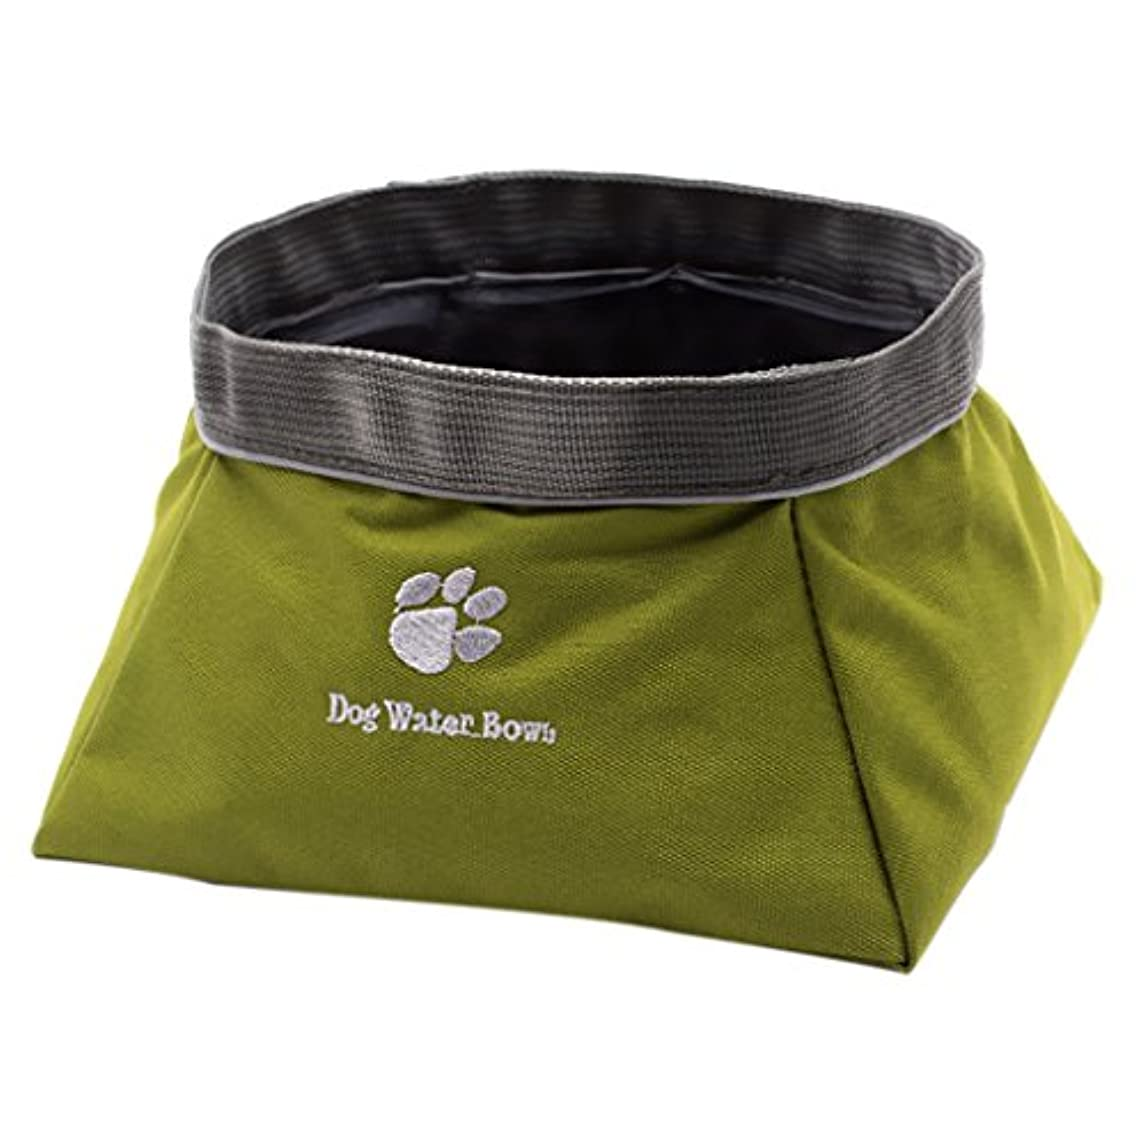 Perfk 犬 猫 食品 水 ボウル 折りたたみ 防水 実用的 全2種  - 食べ物と水のボウル